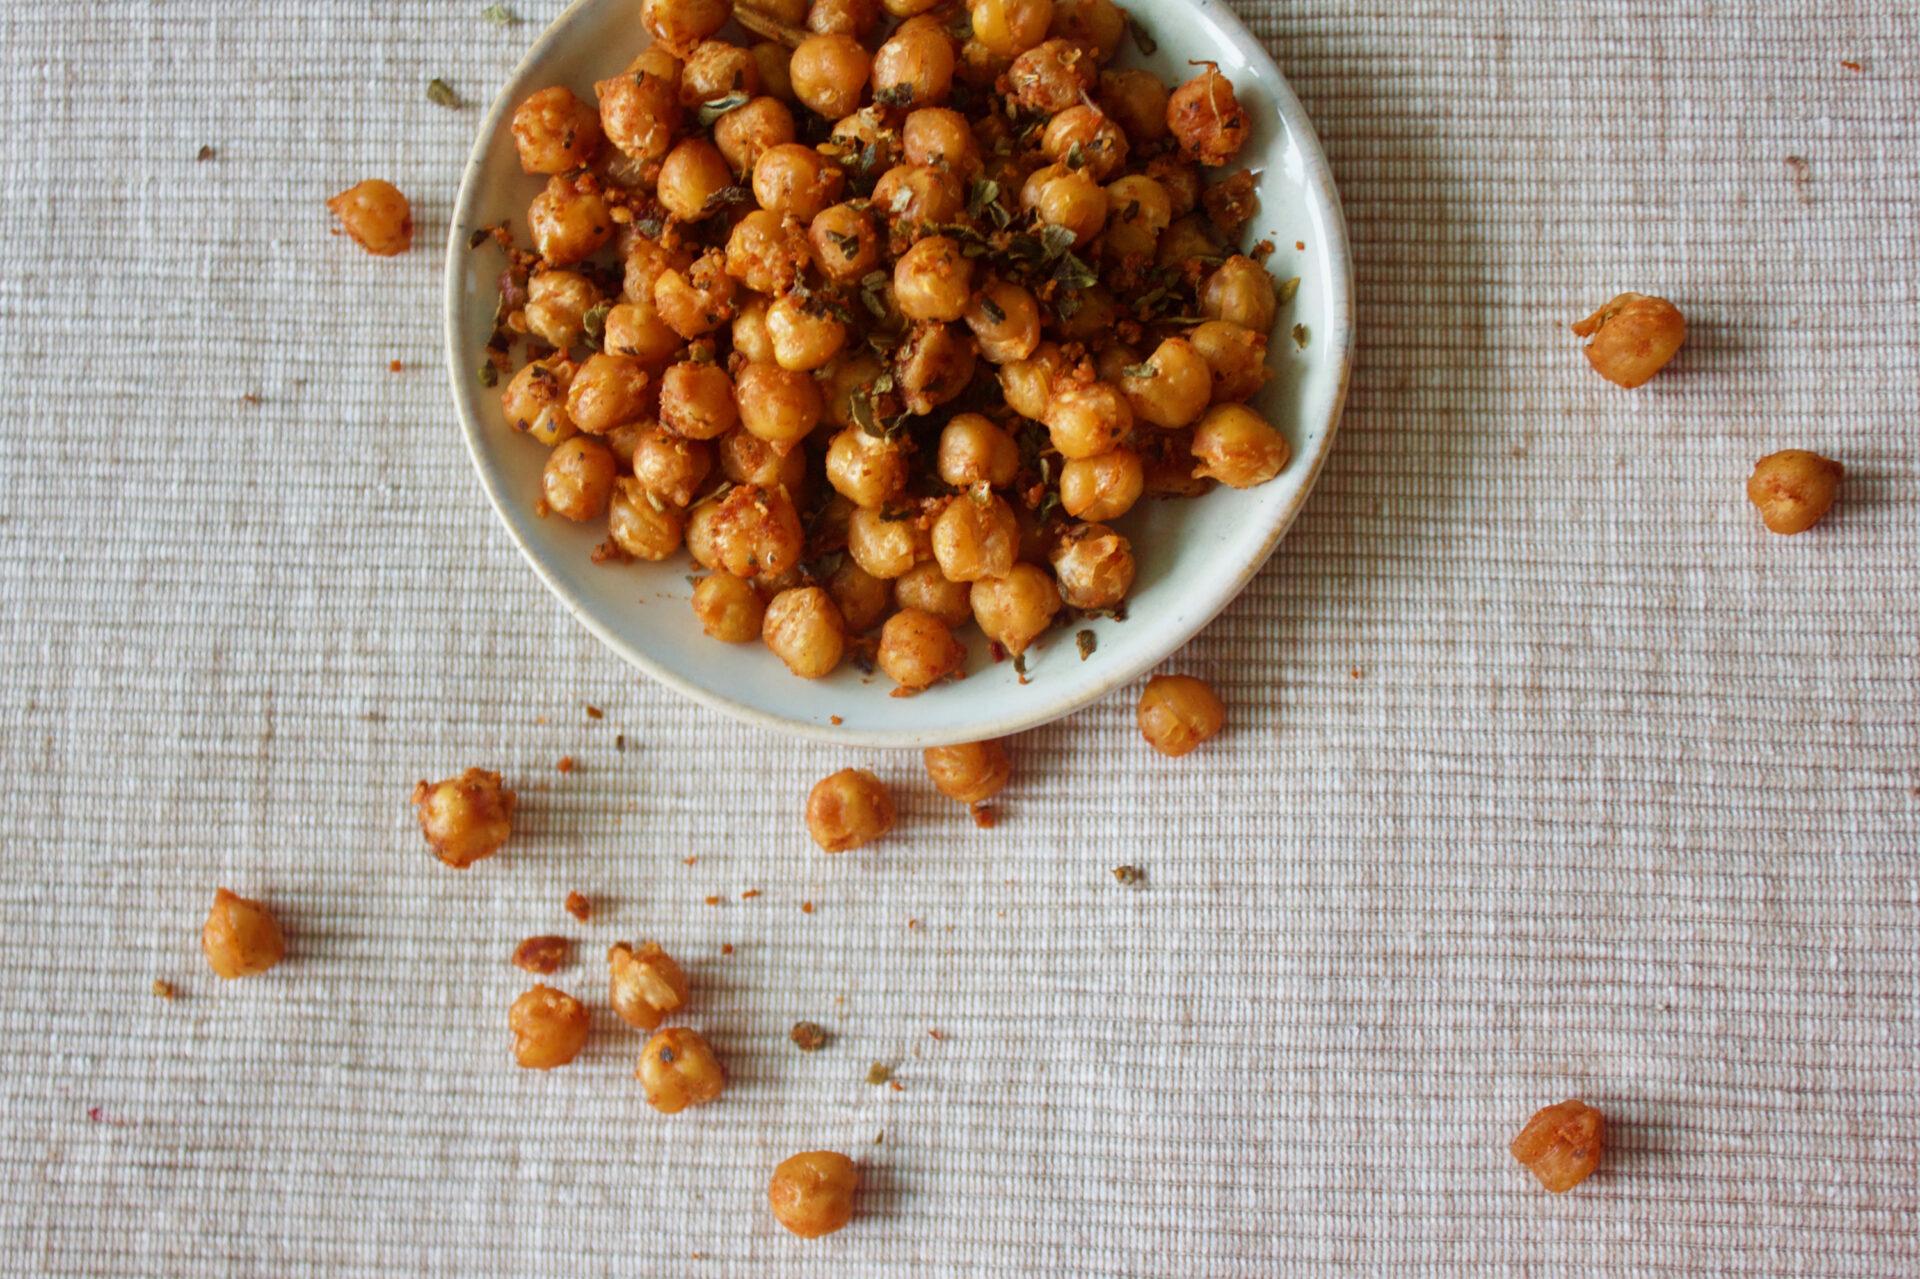 roasted-healthy-roasted-chickpeas-saudável-grao de bico-assado-no forno-5